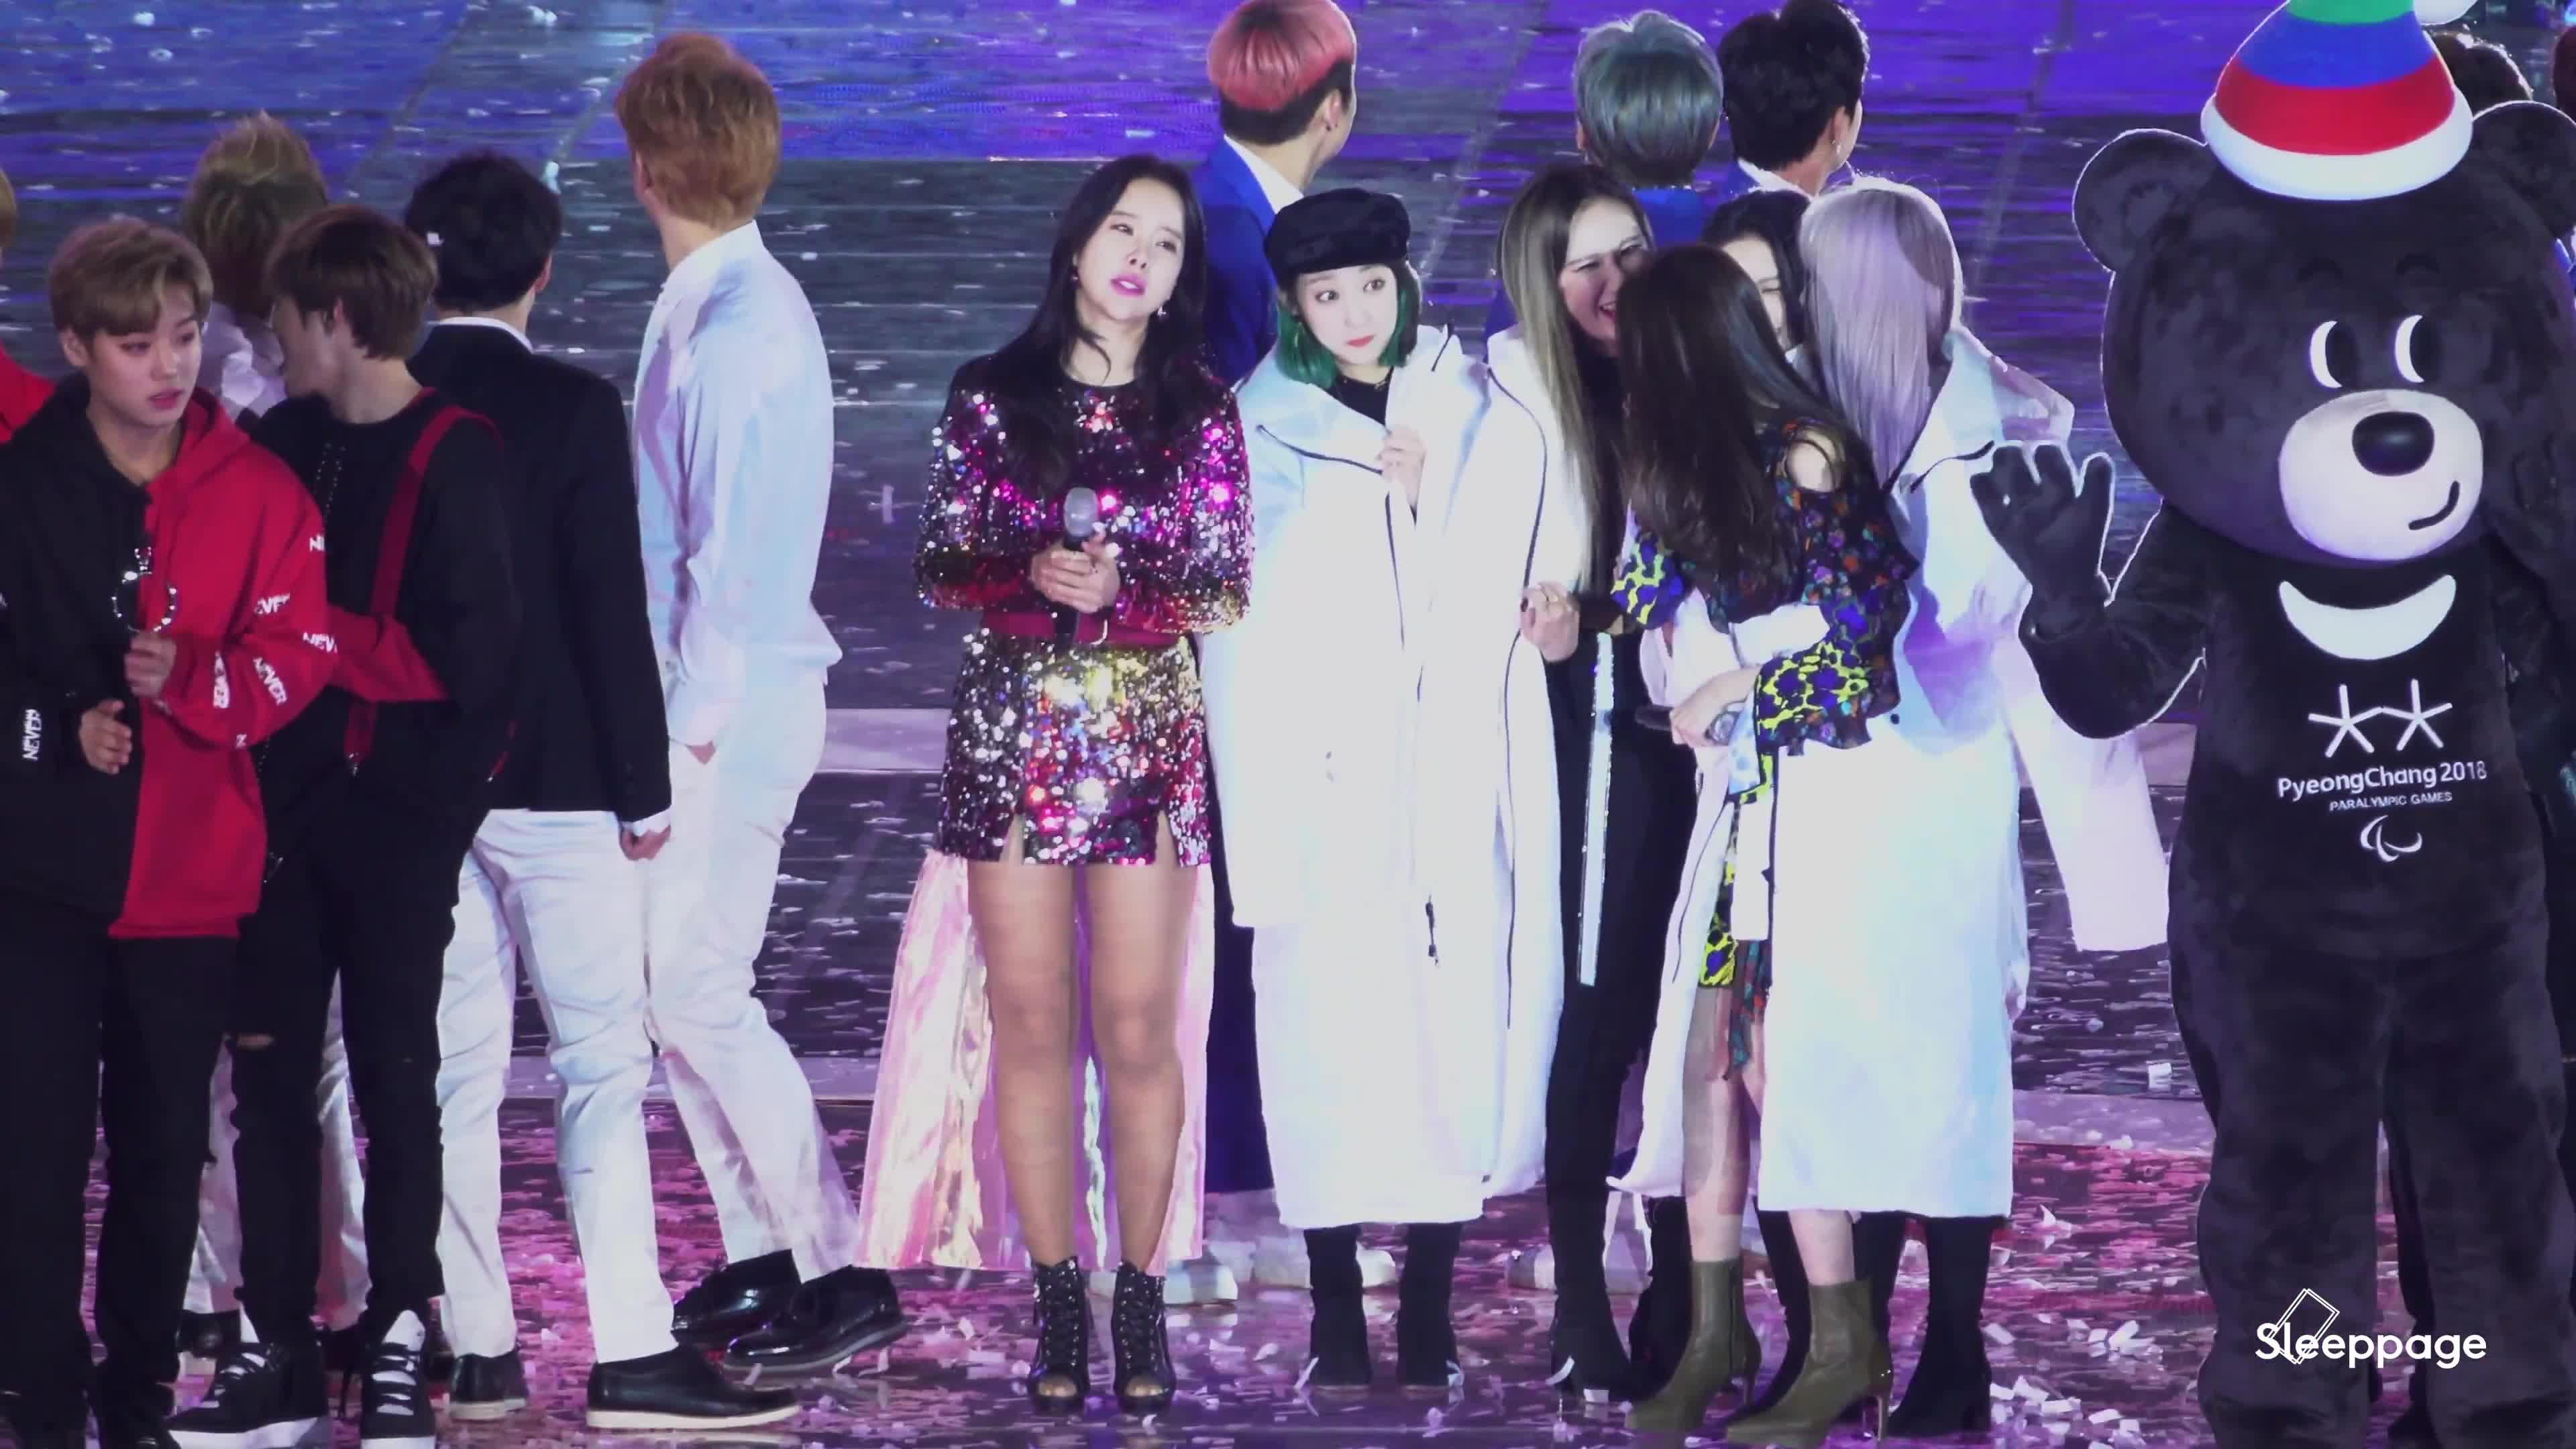 Fan tan chảy trước khoảnh khắc áo khoác chia đôi của 2 nữ thần Hani (EXID) và Sunmi ảnh 7